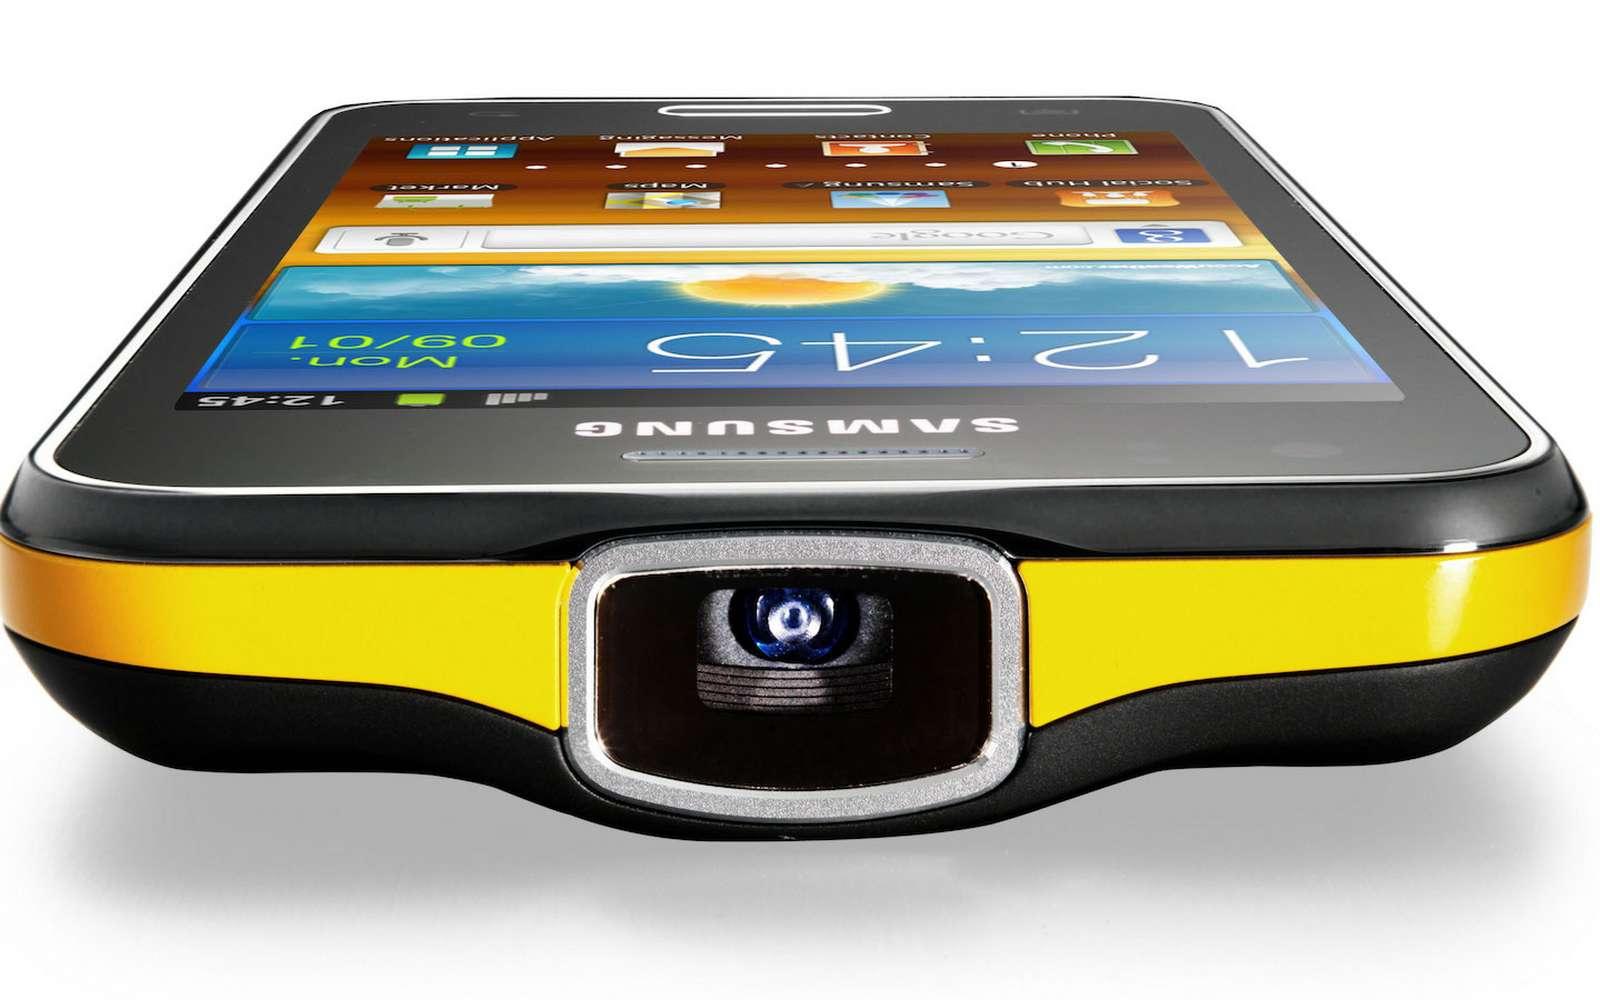 Plutôt que d'intégrer son picoprojecteur à l'intérieur du smartphone, Samsung a décidé d'en faire un accessoire externe, sans fil. © Samsung